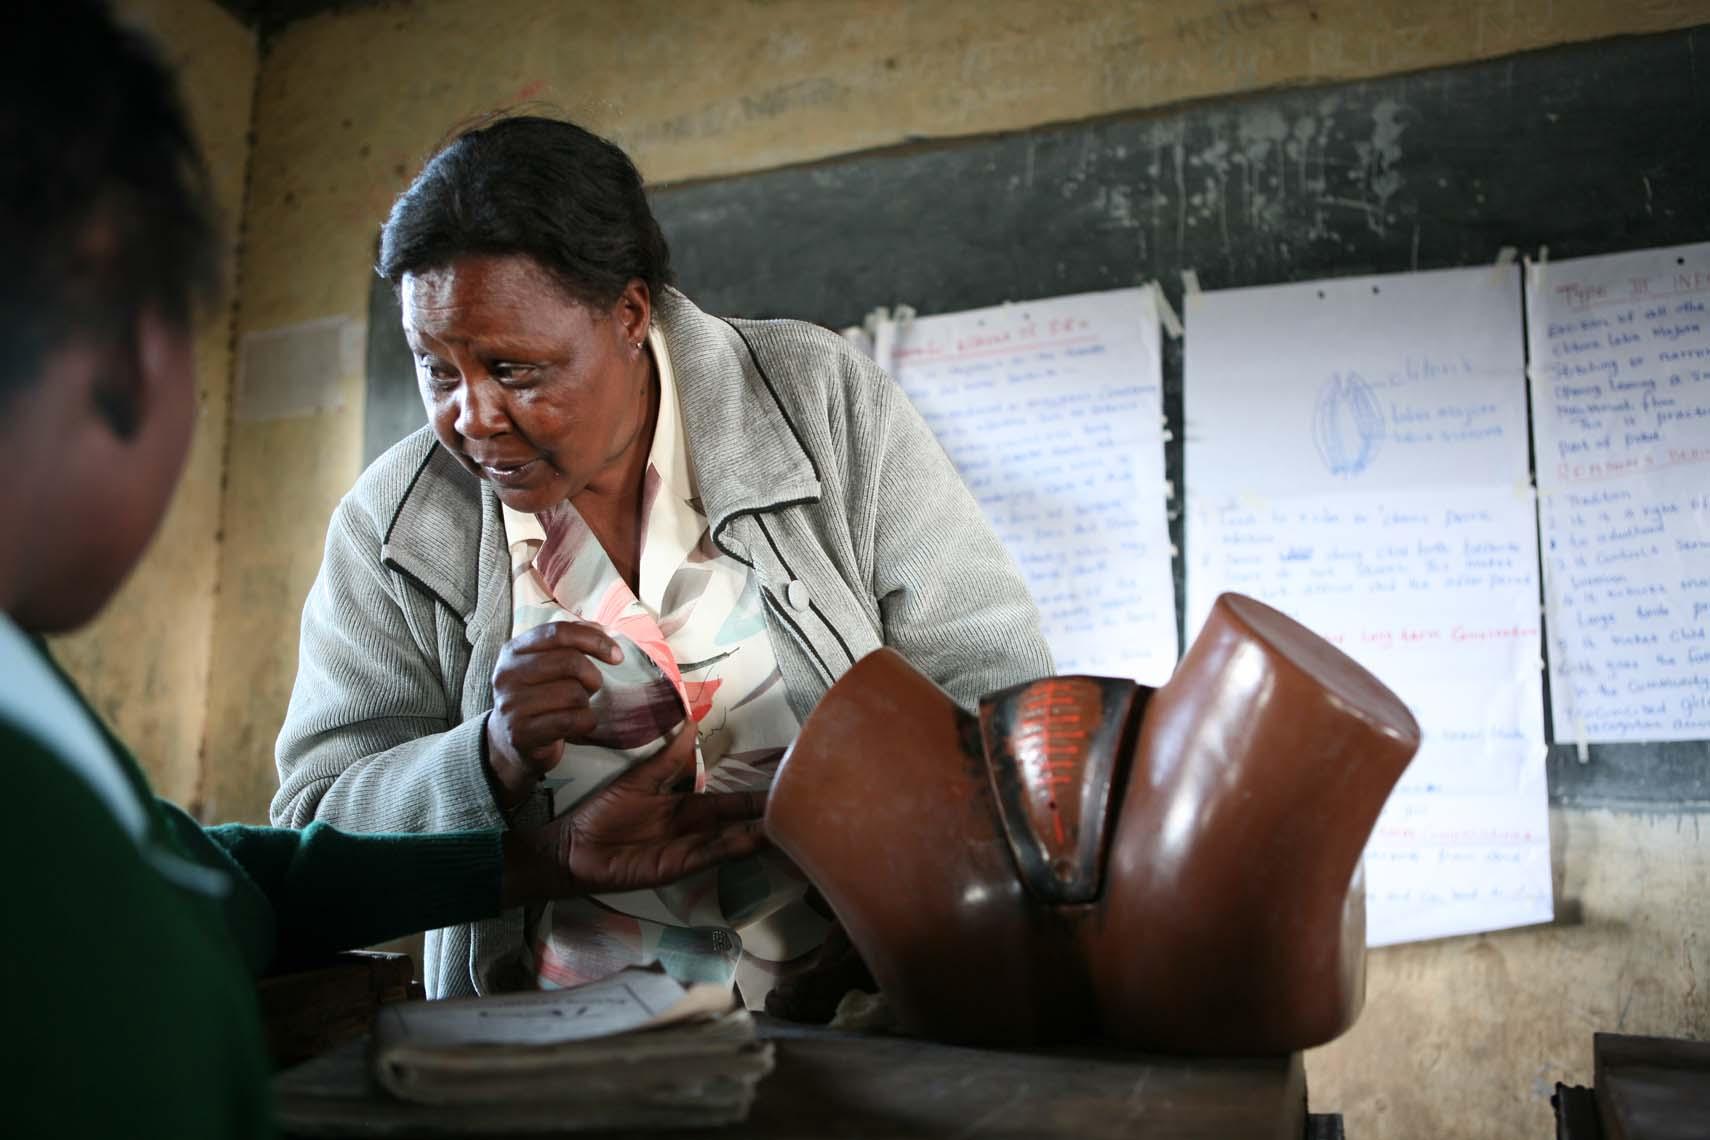 Campañas de sensibilización escolar sobre la Mutilación genital Femenina (Kenia)